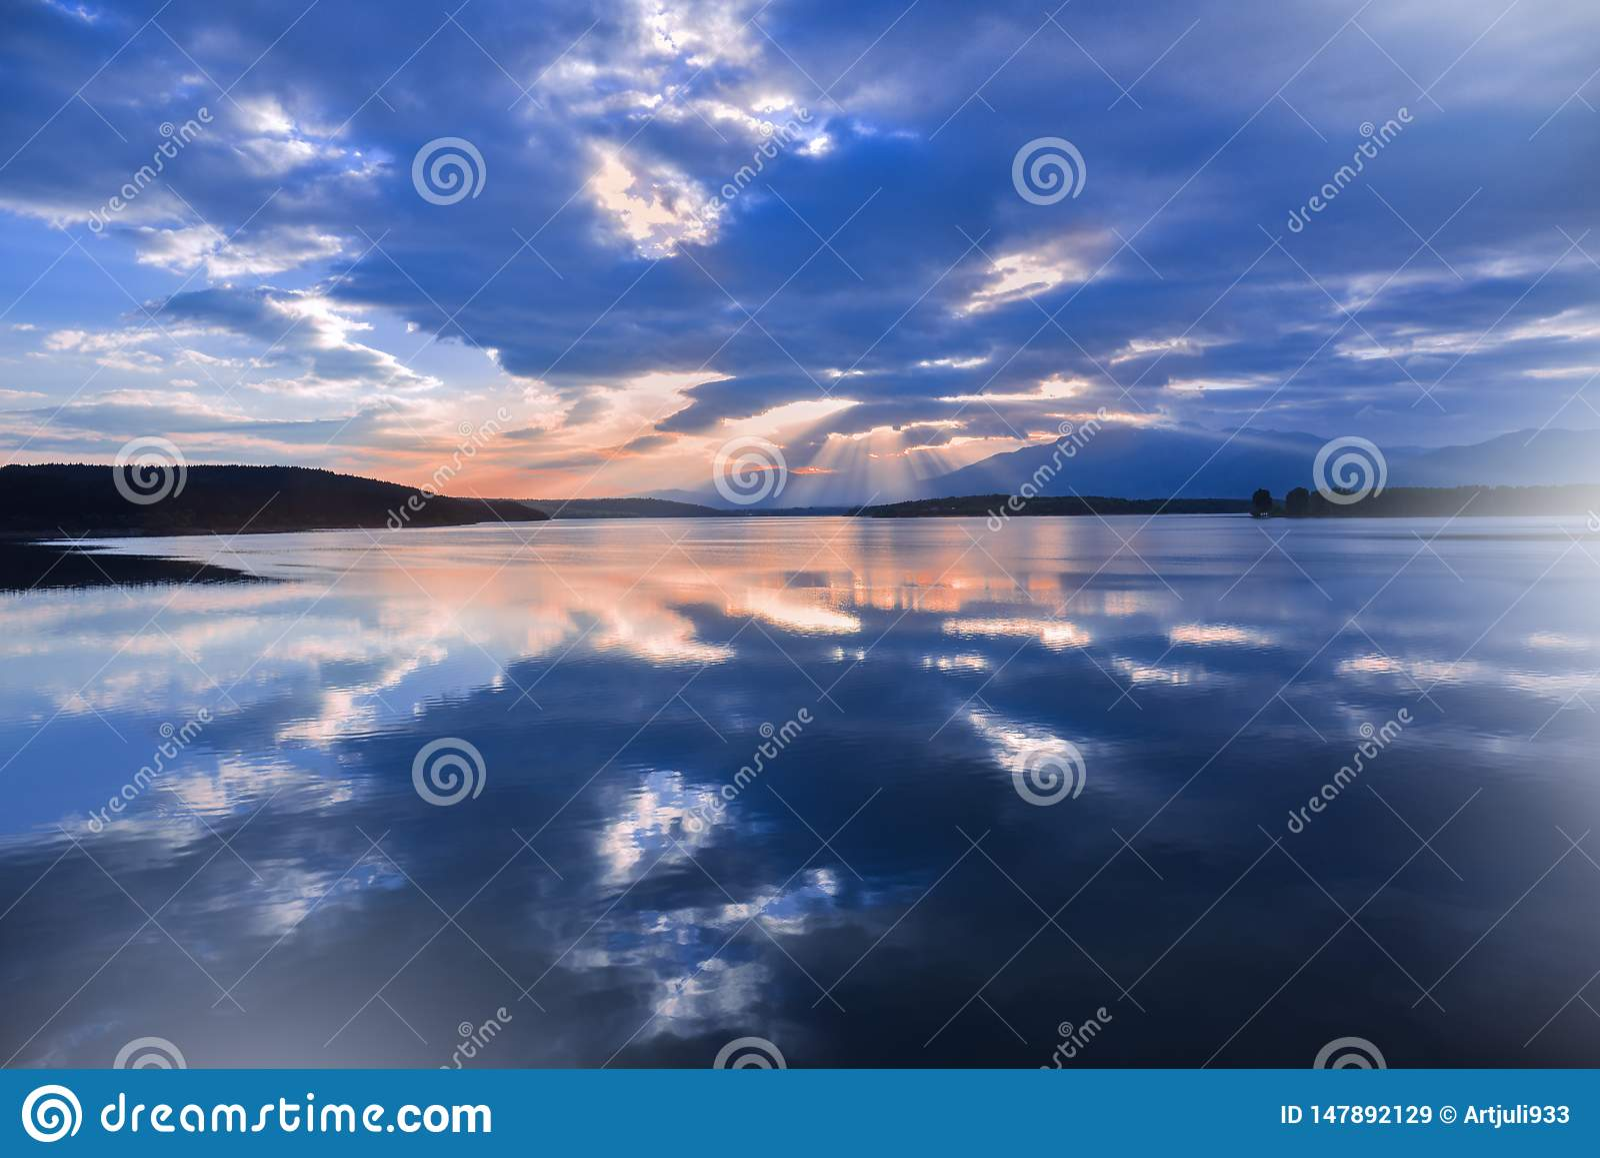 Sonnenuntergang, Sonnenaufganglandschaft, Panorama Sch?ne Natur Blauer Himmel, ?berraschende bunte Wolken Nat?rlicher Hintergrund